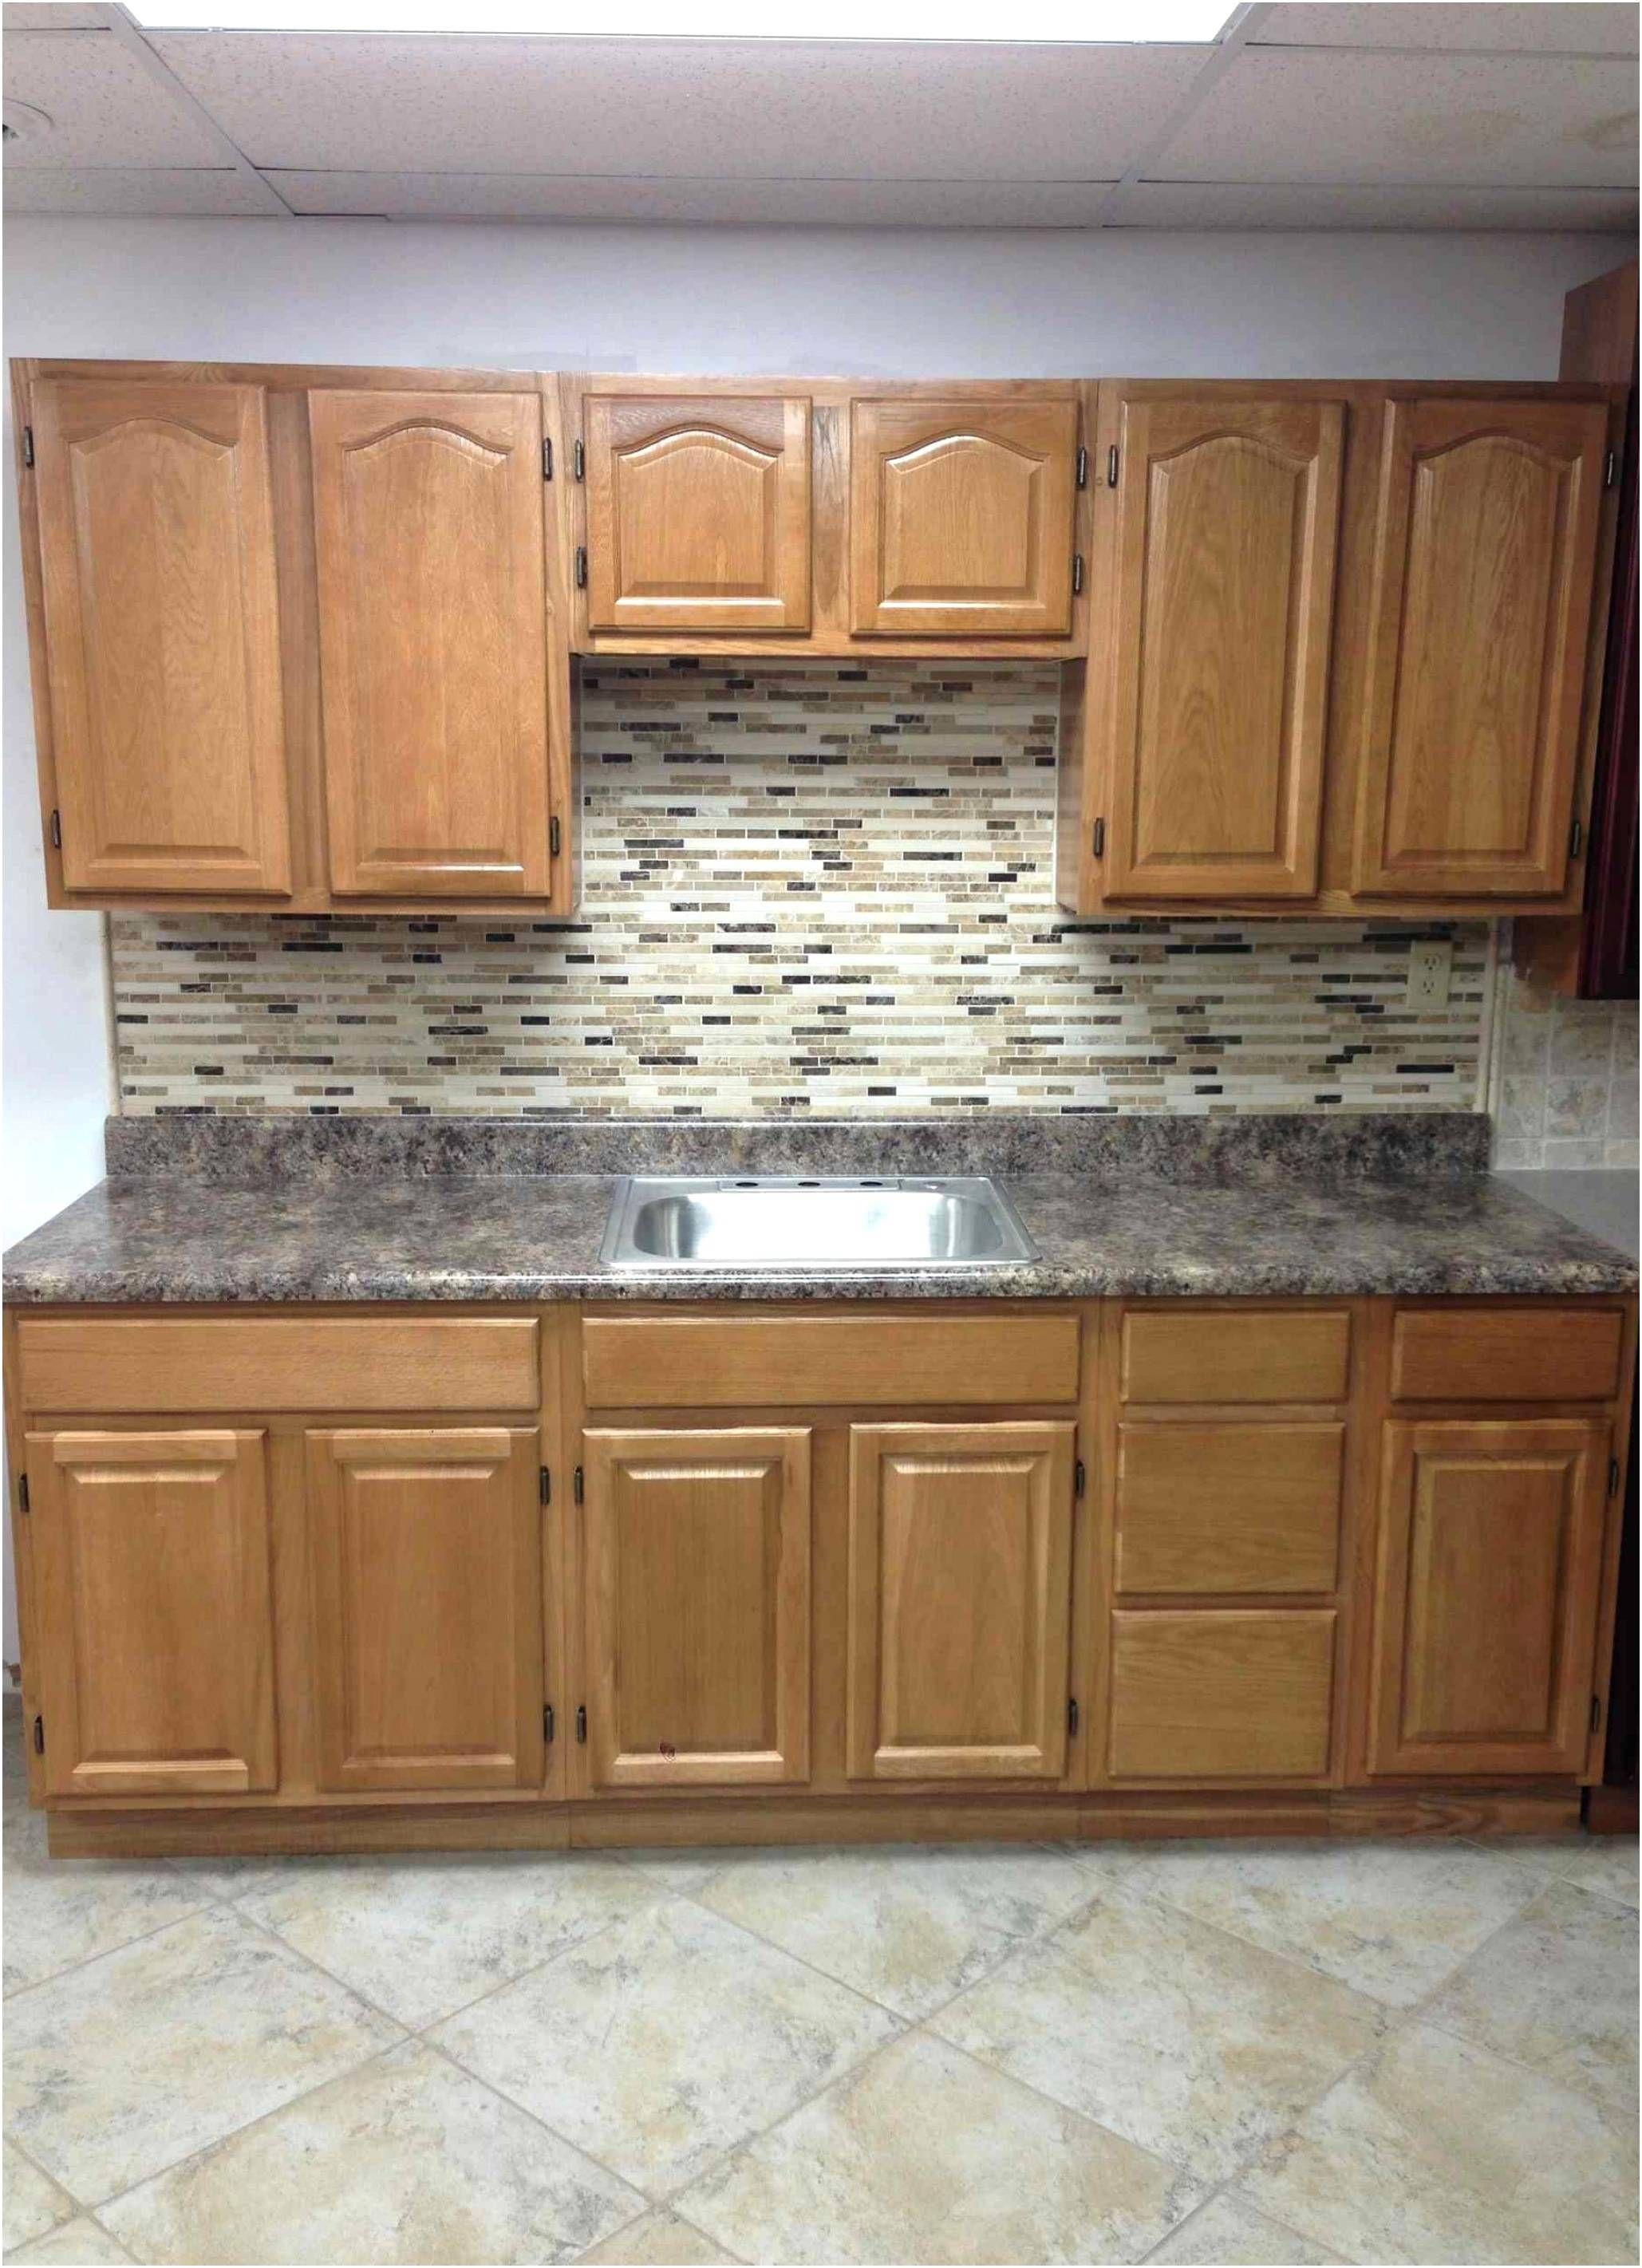 Floors To Clean Hardwood Floors And Microfiber Furniture in 9 ...